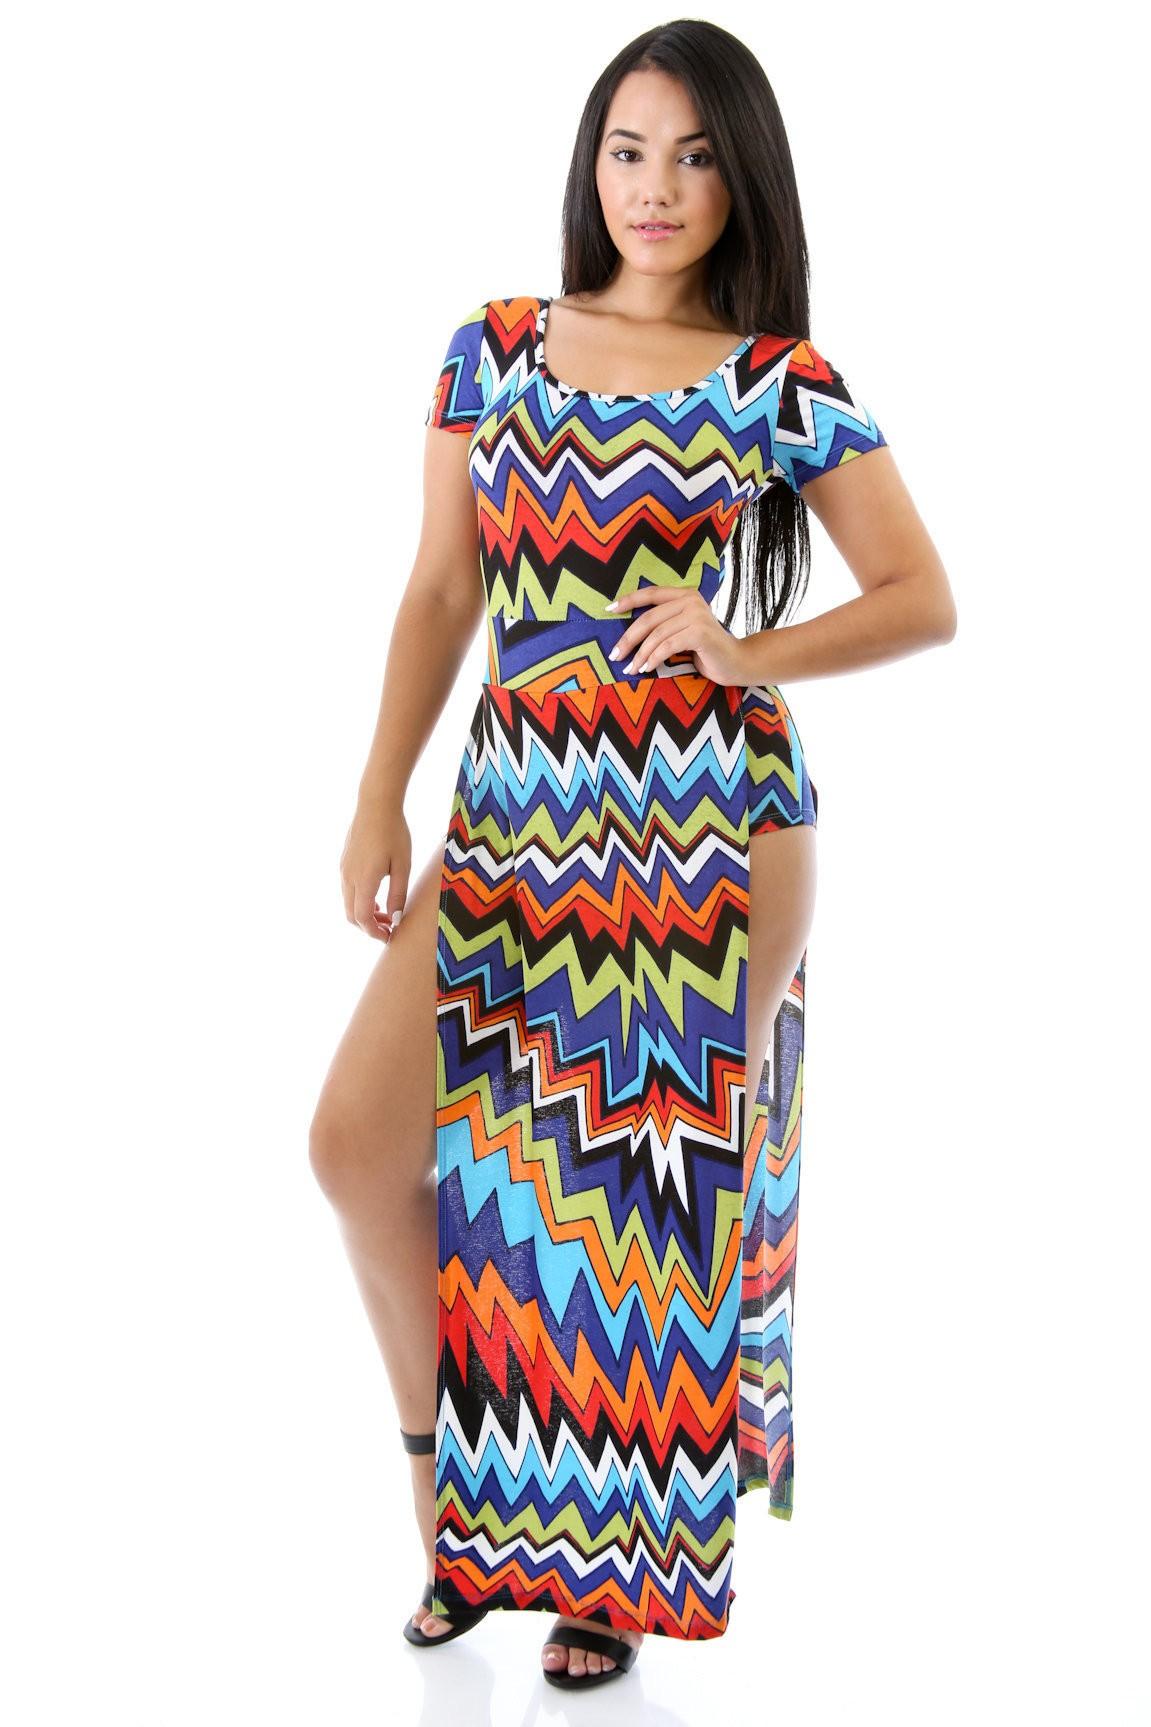 ZigZag Paint Dress